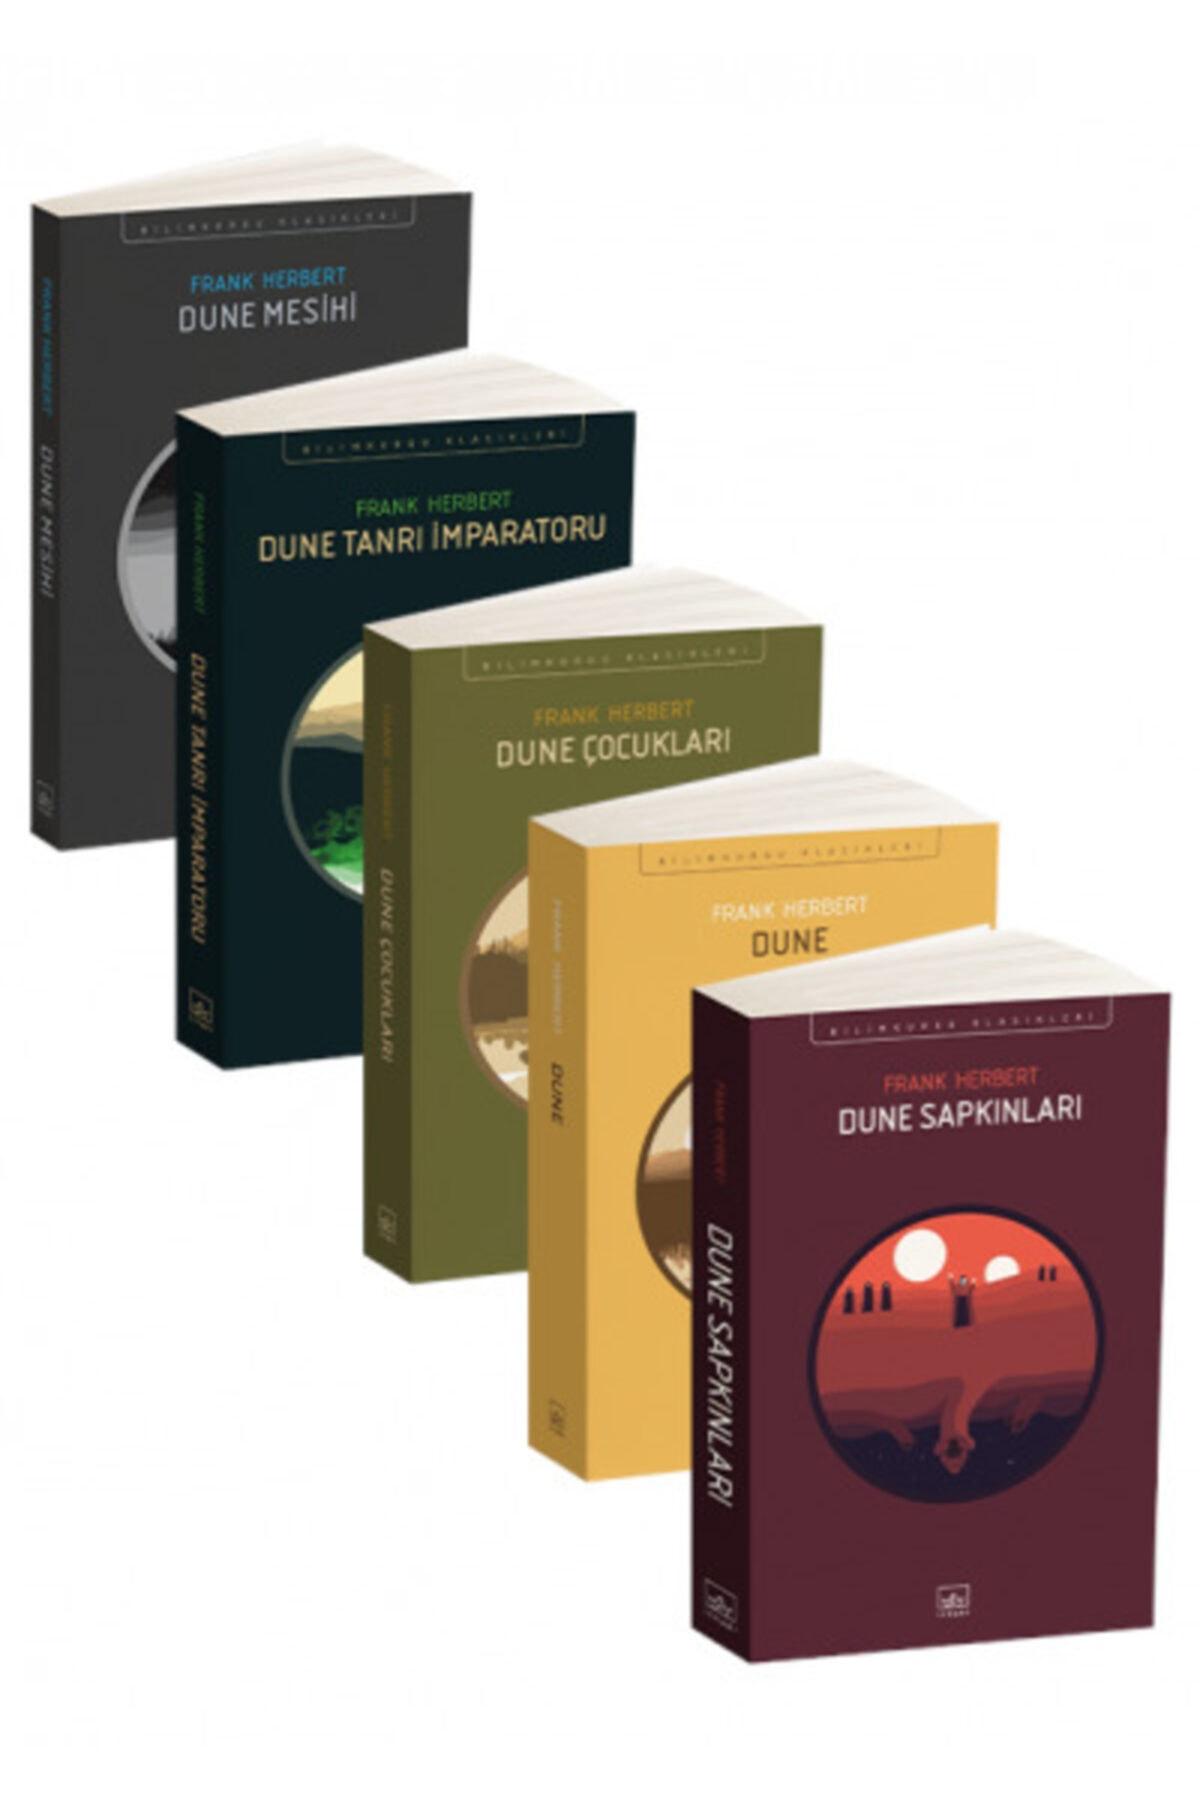 İthaki Yayınları Dune Seti (5 Kitap Takım) 1